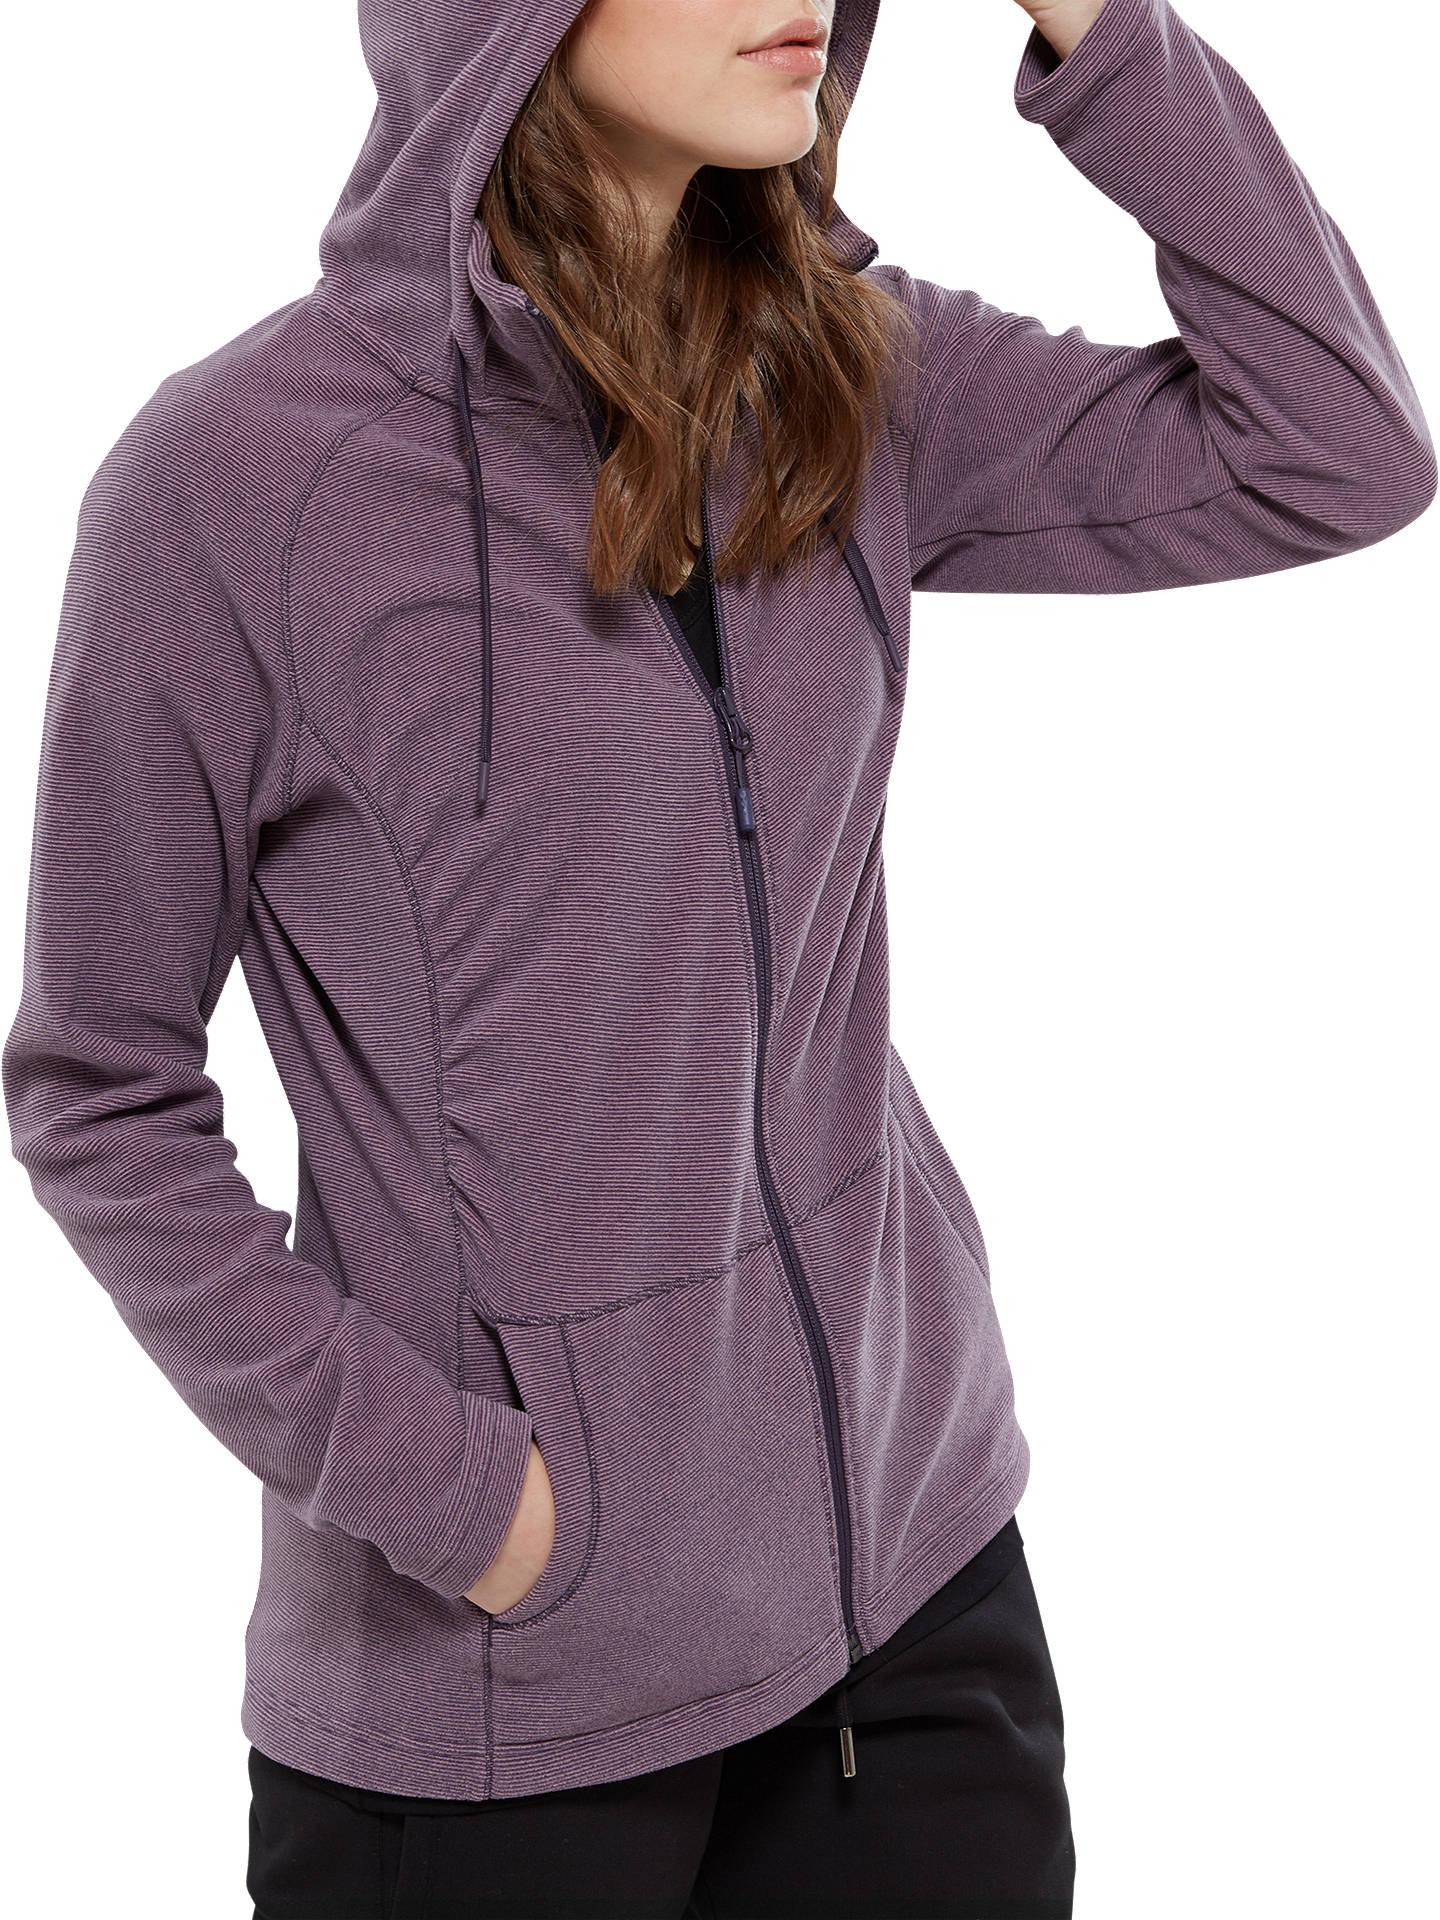 The North Face Mezzaluna Full Zip Fleece Hoodie, Purple at